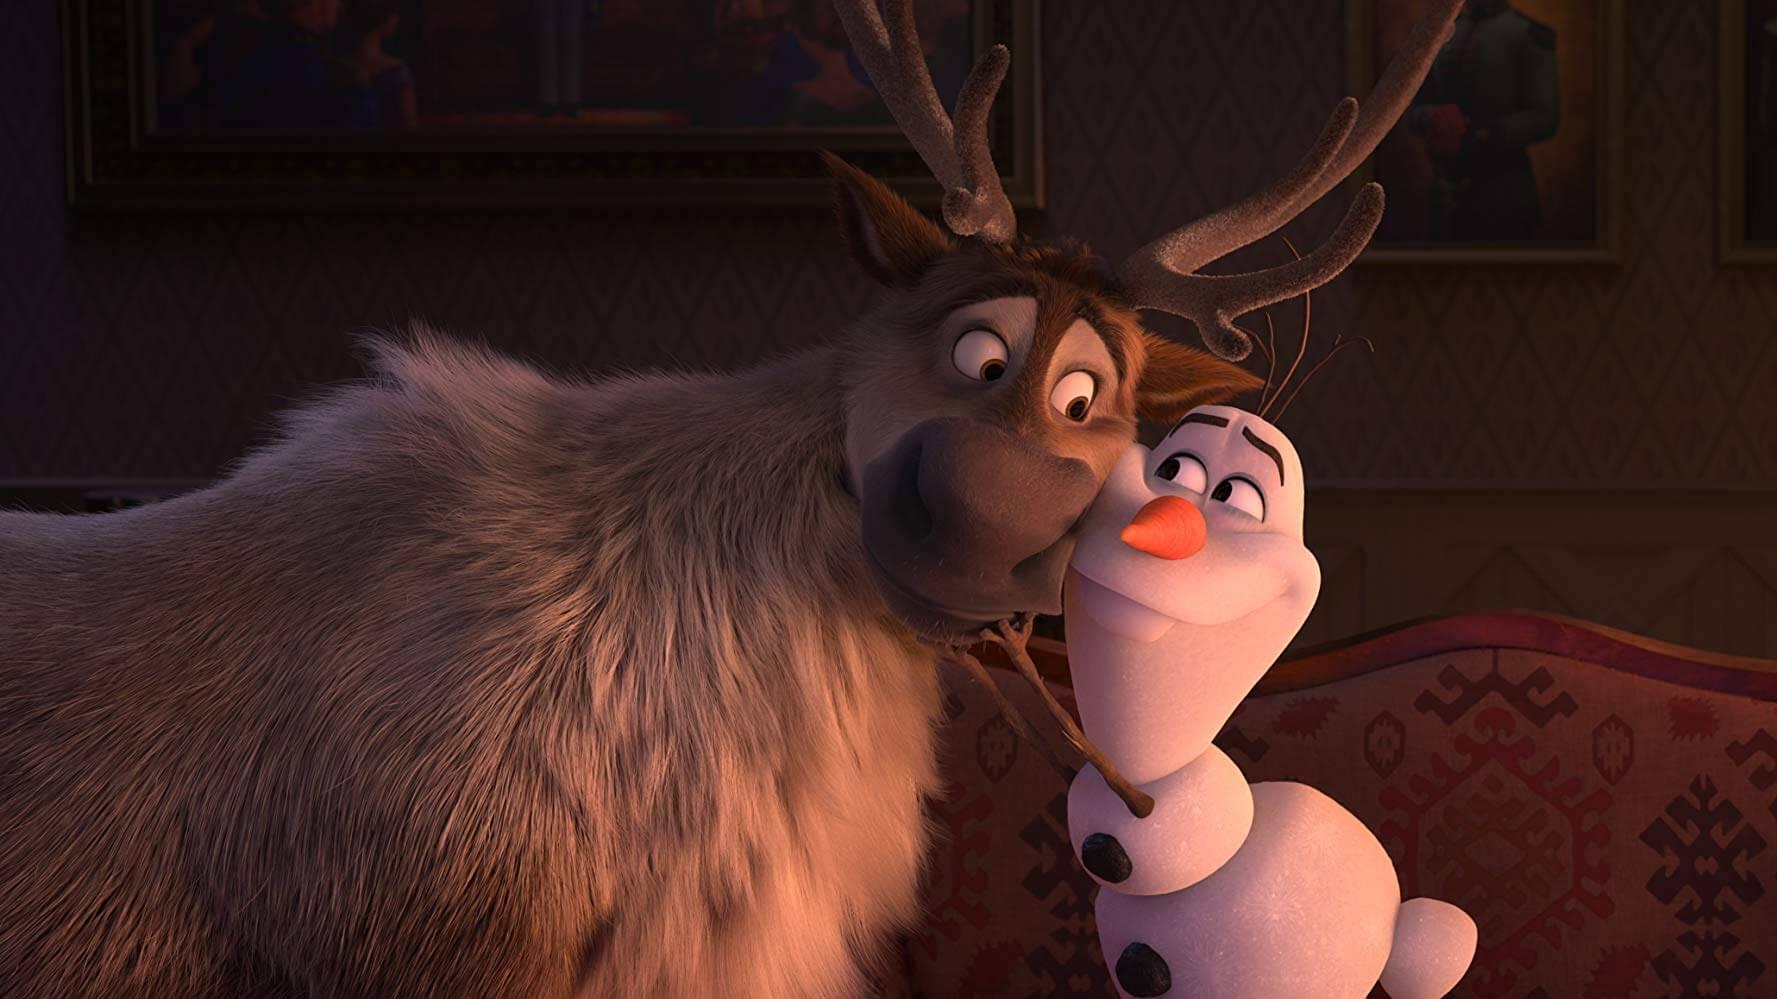 Sven và Olaf (bên phải) mang đến những tiếng cười sảng khoái cho khán giả - Frozen II